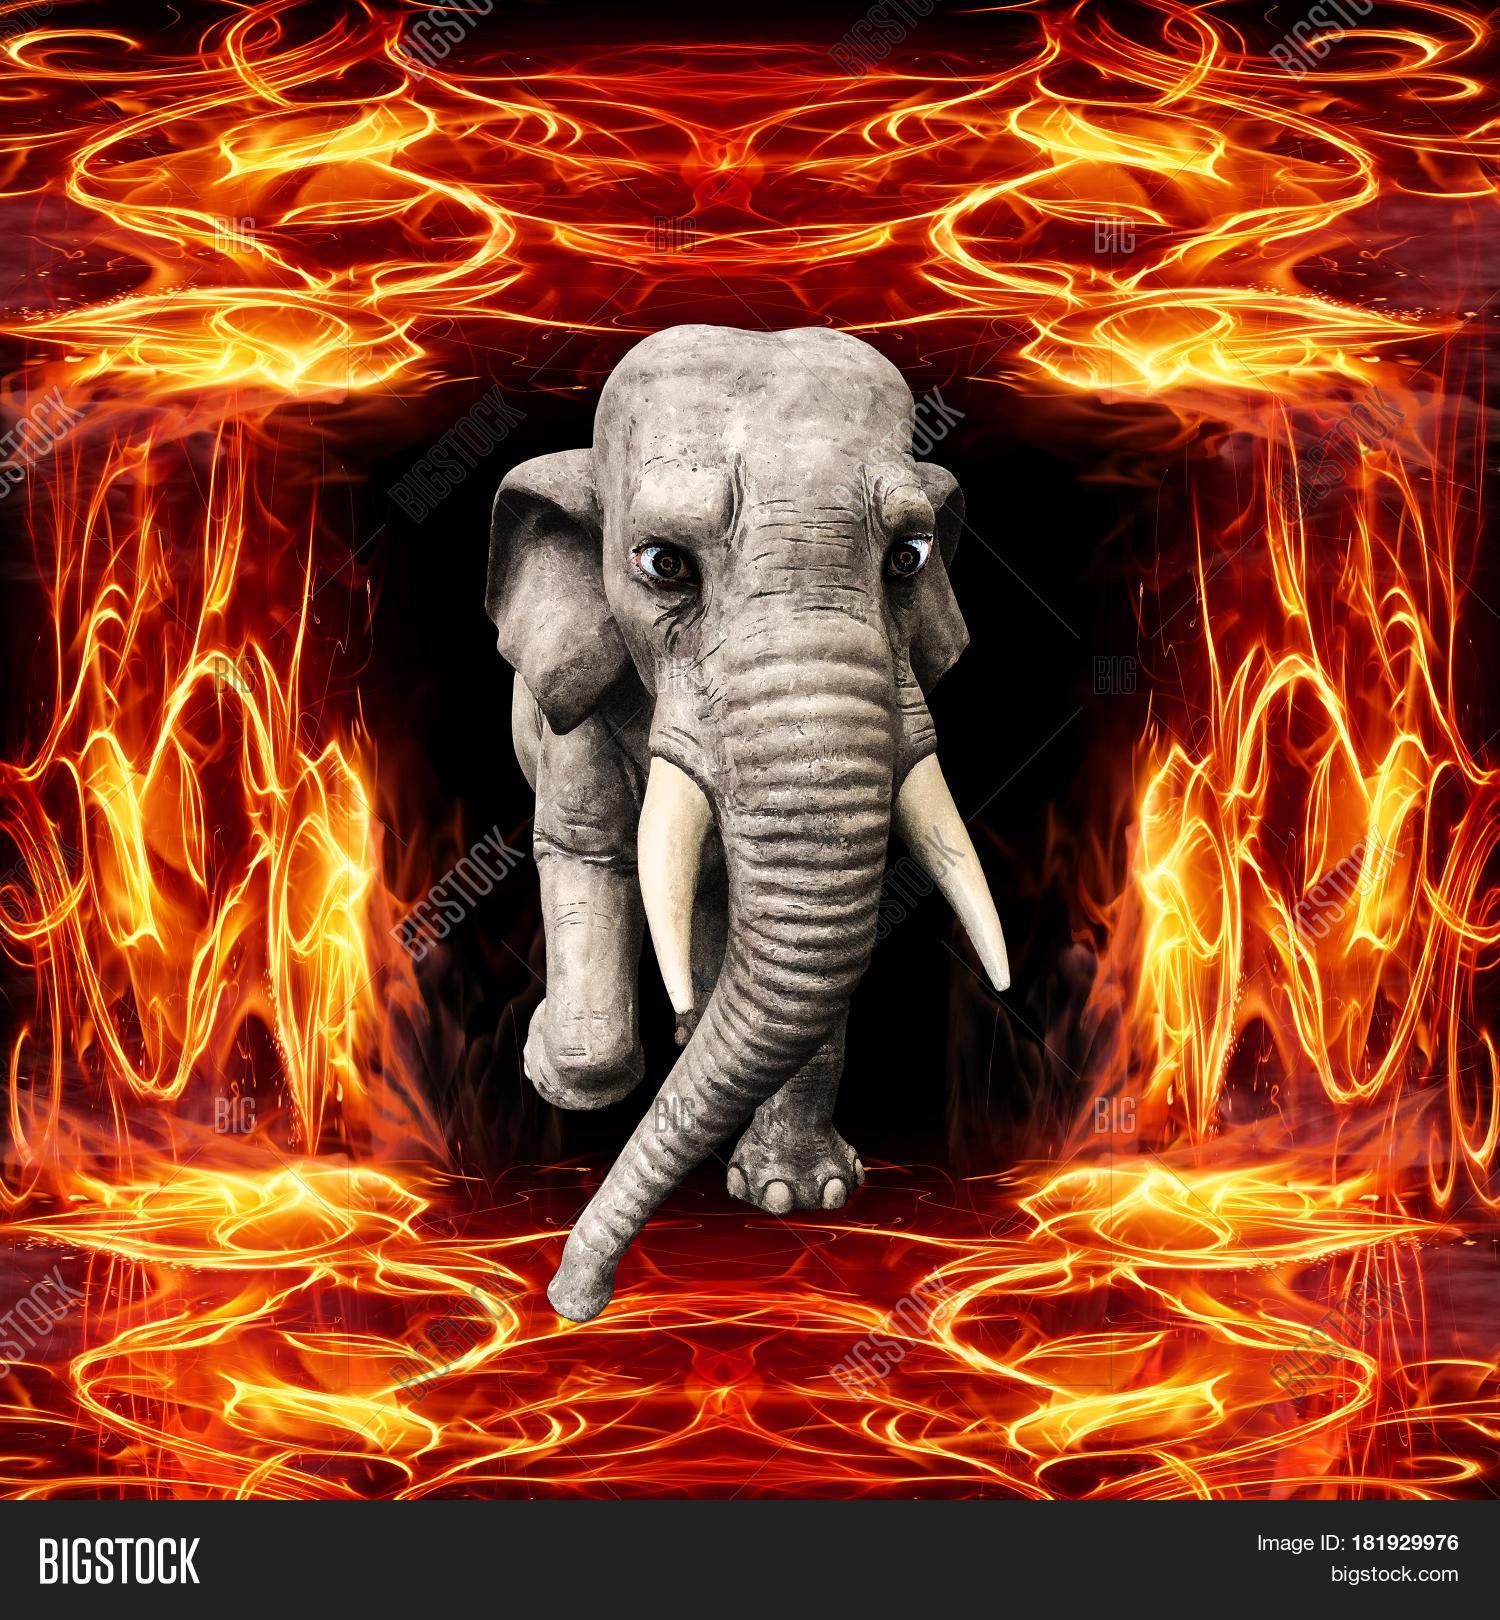 Слон покидает пламя